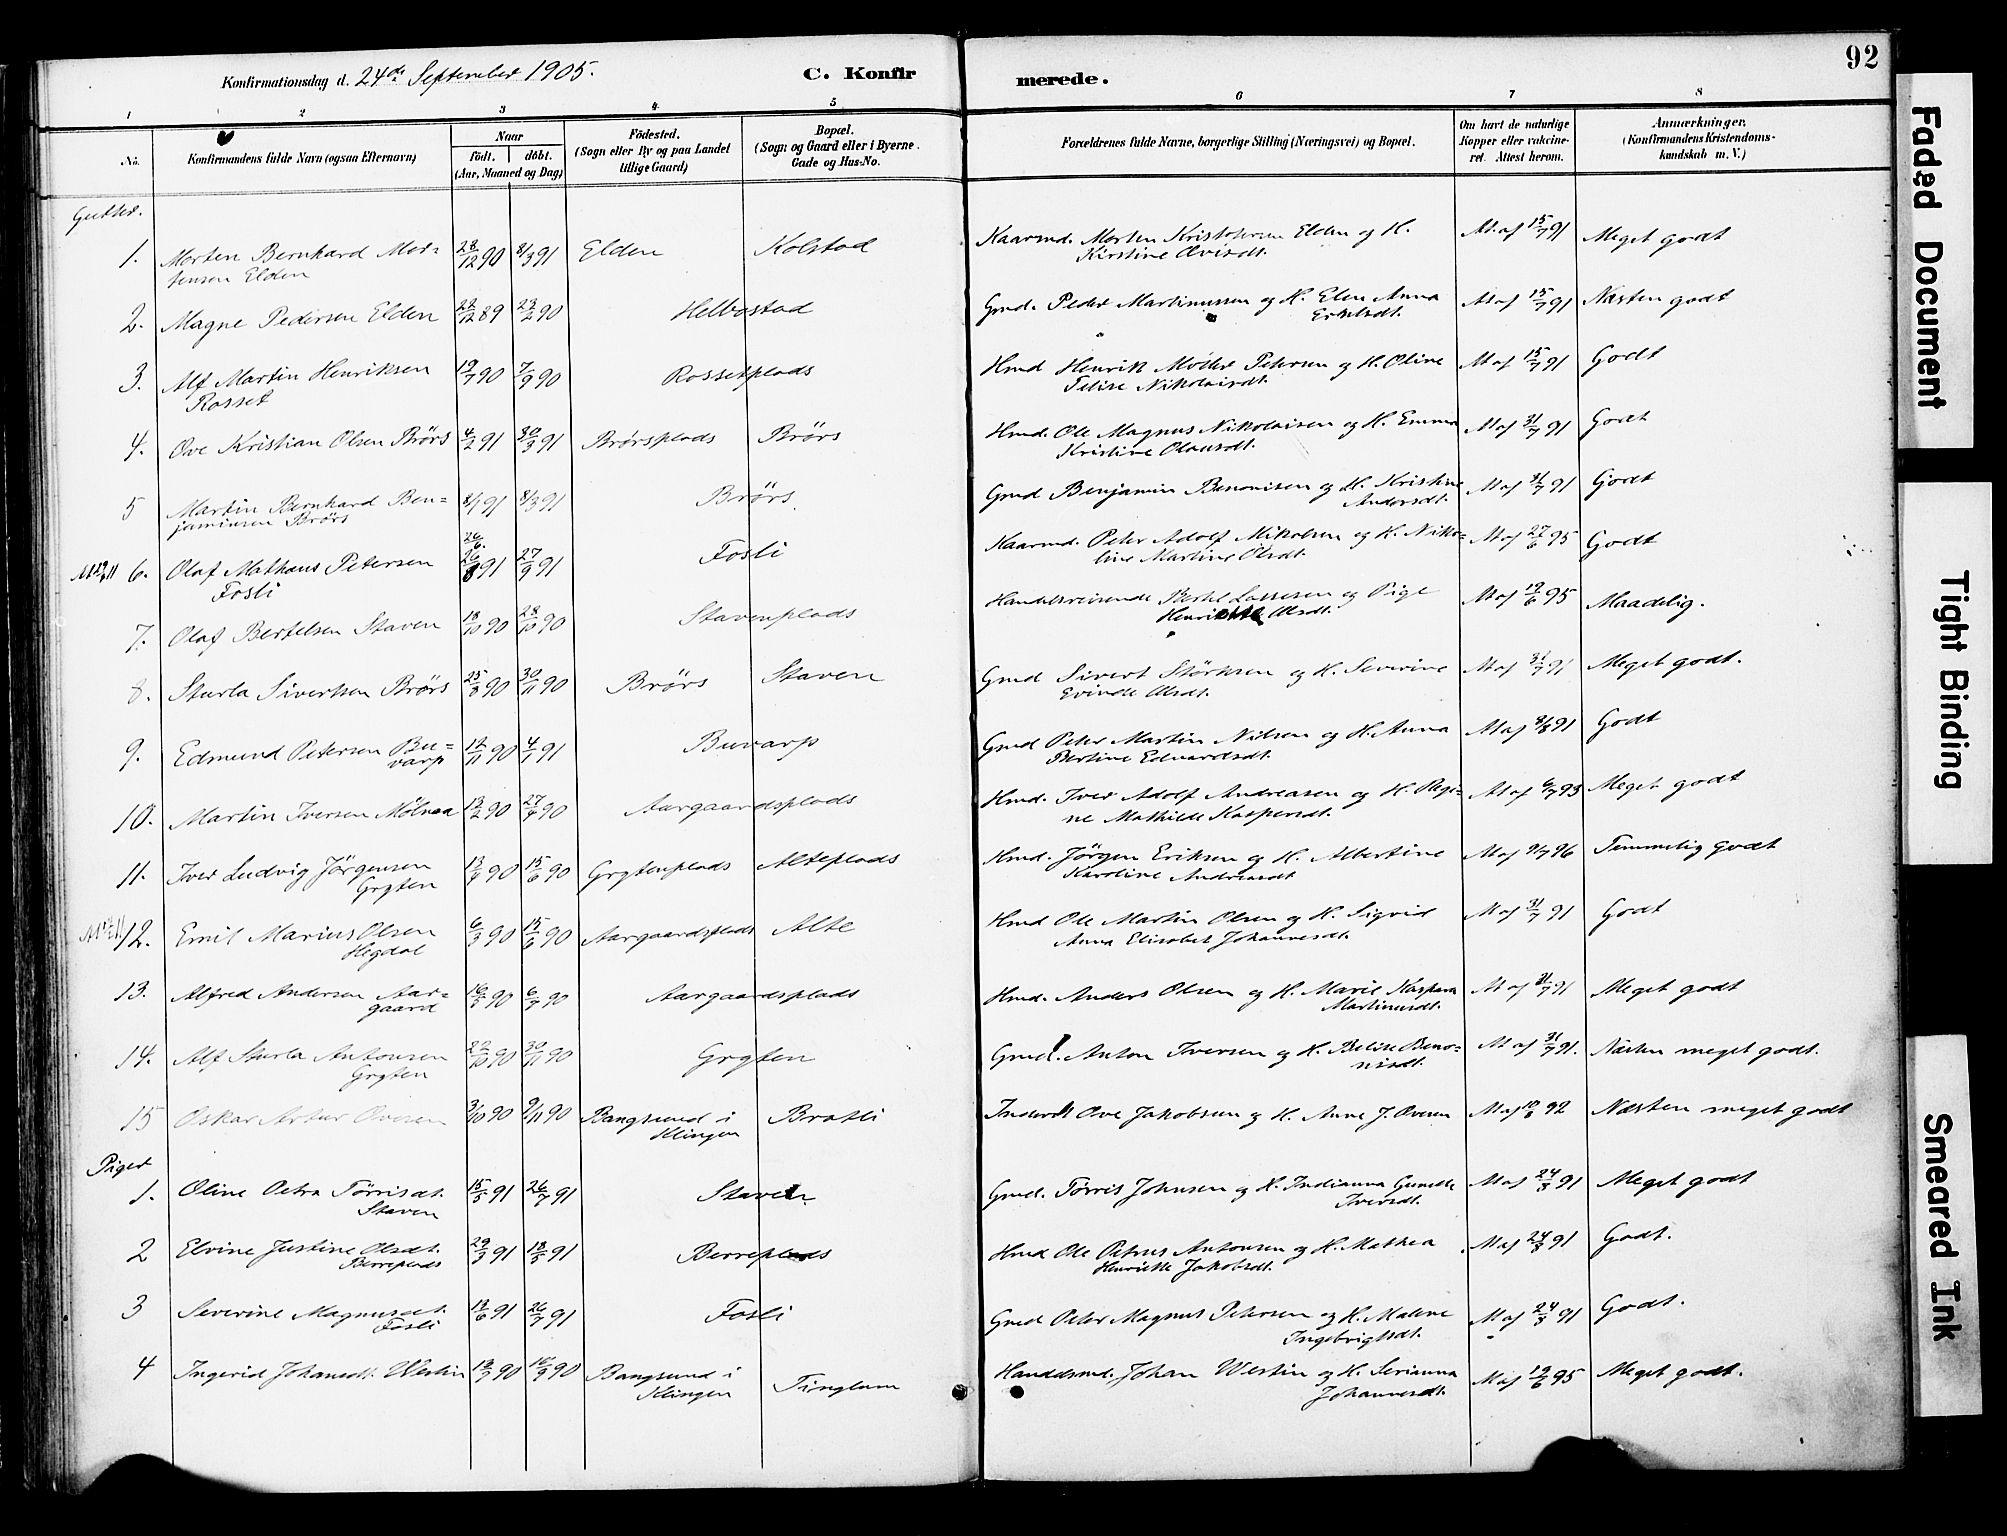 SAT, Ministerialprotokoller, klokkerbøker og fødselsregistre - Nord-Trøndelag, 742/L0409: Ministerialbok nr. 742A02, 1891-1905, s. 92